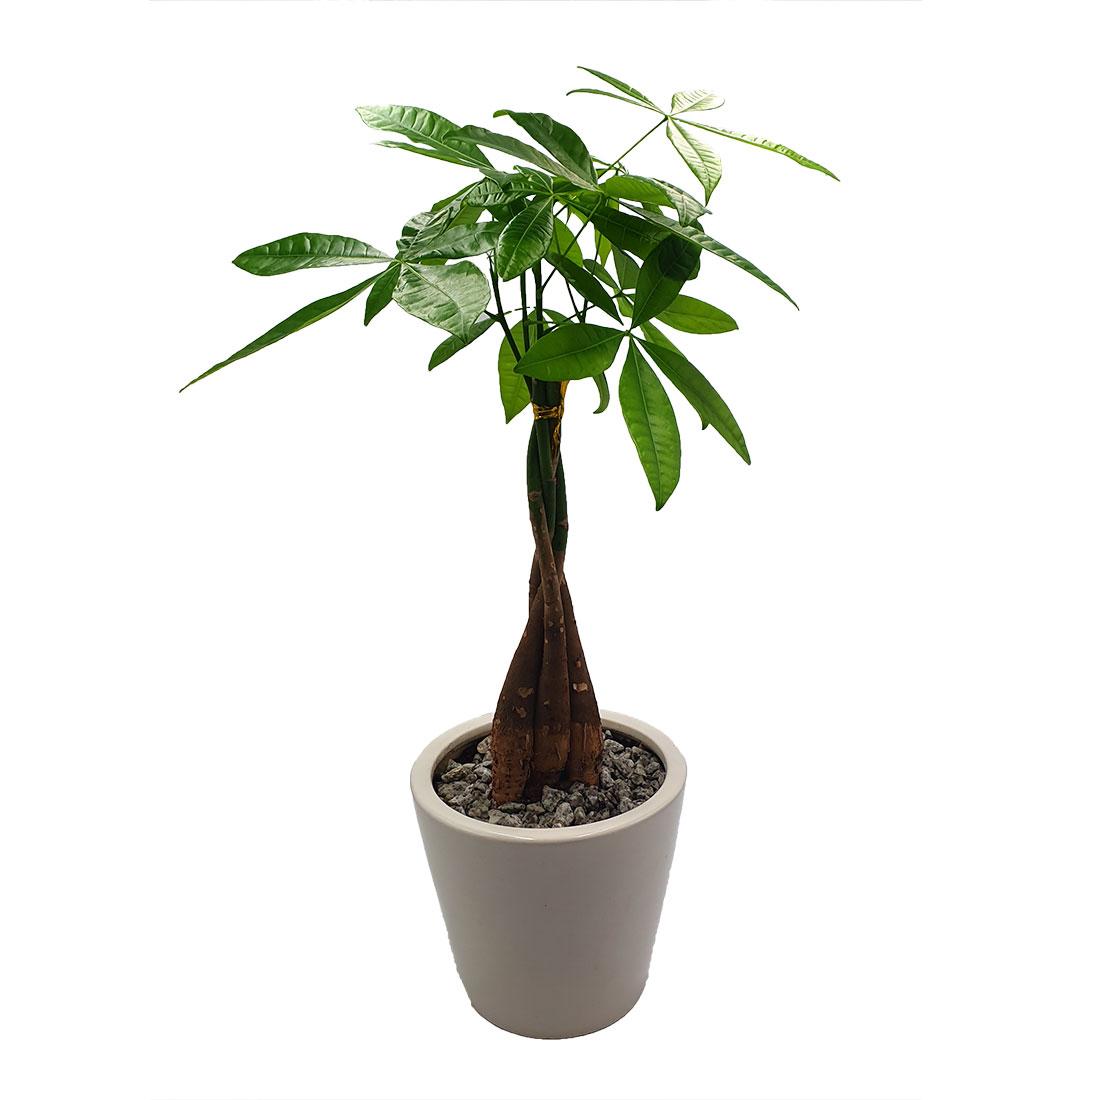 Vazoninis augalas PACHIRA (PACHIRA AQUATICA), su vazonu